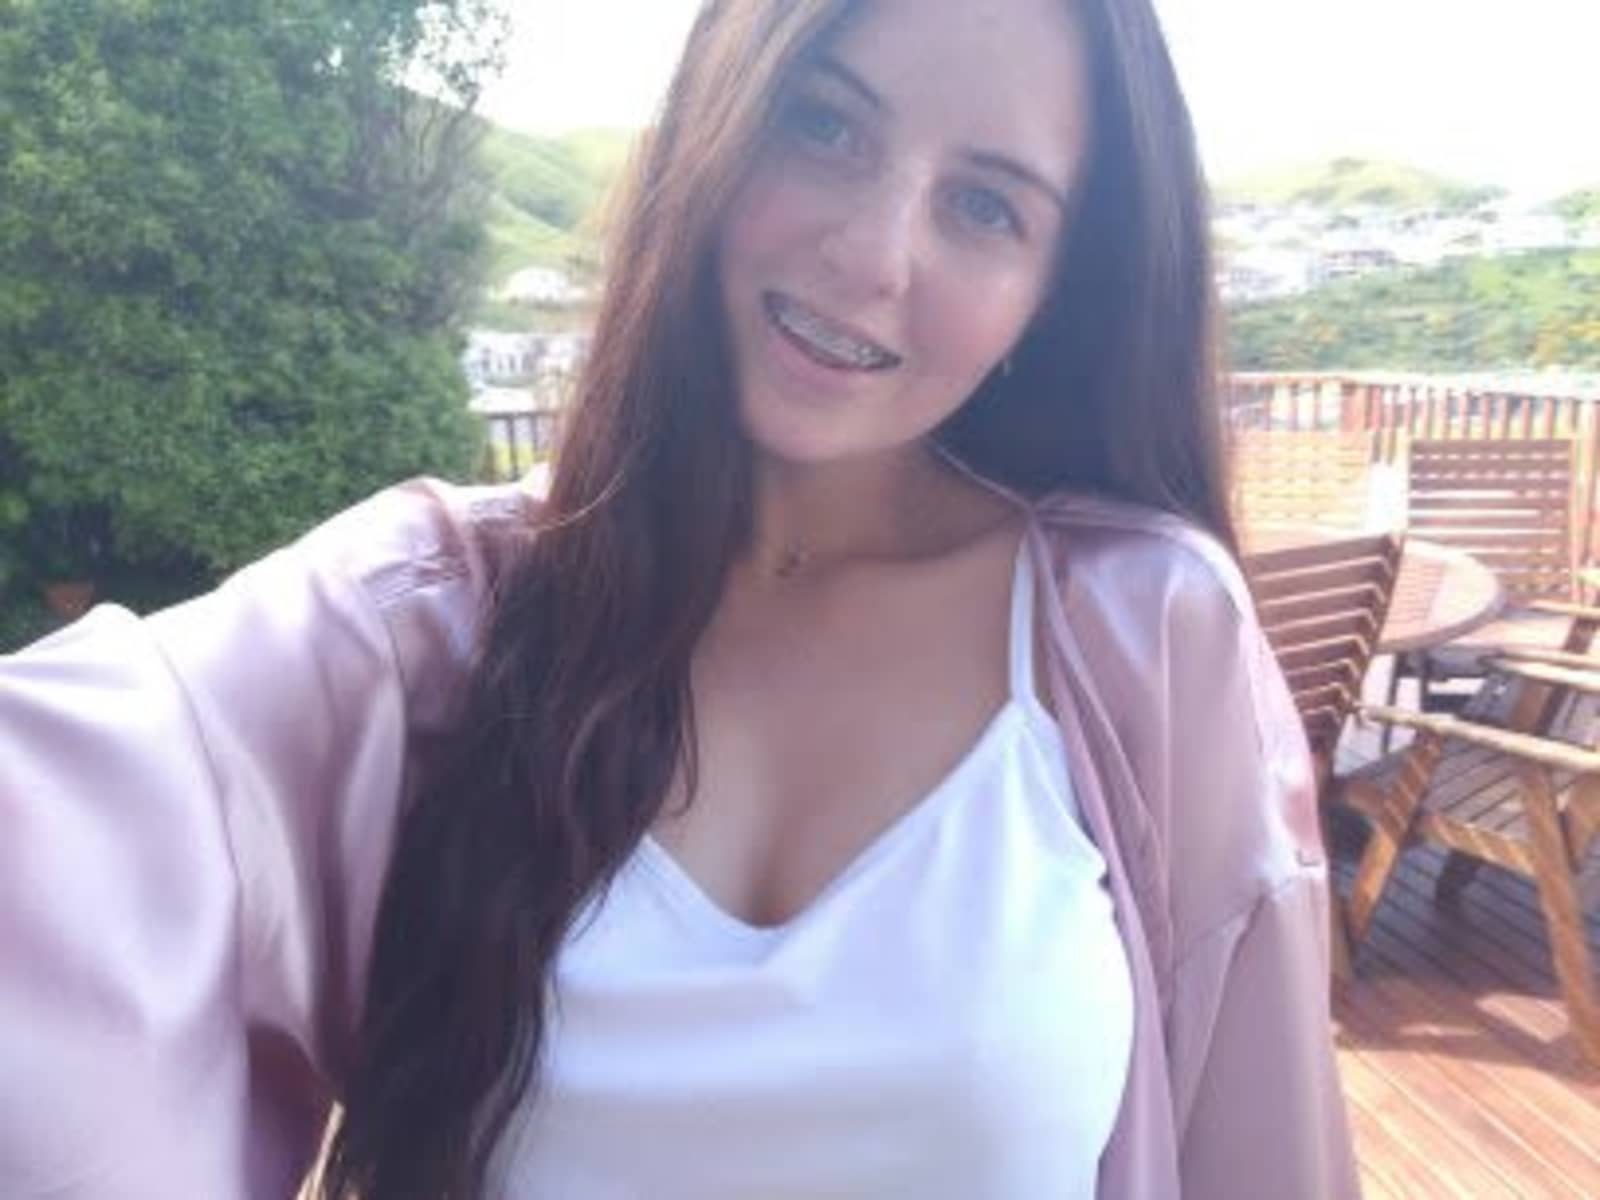 Natasha from Wellington, New Zealand